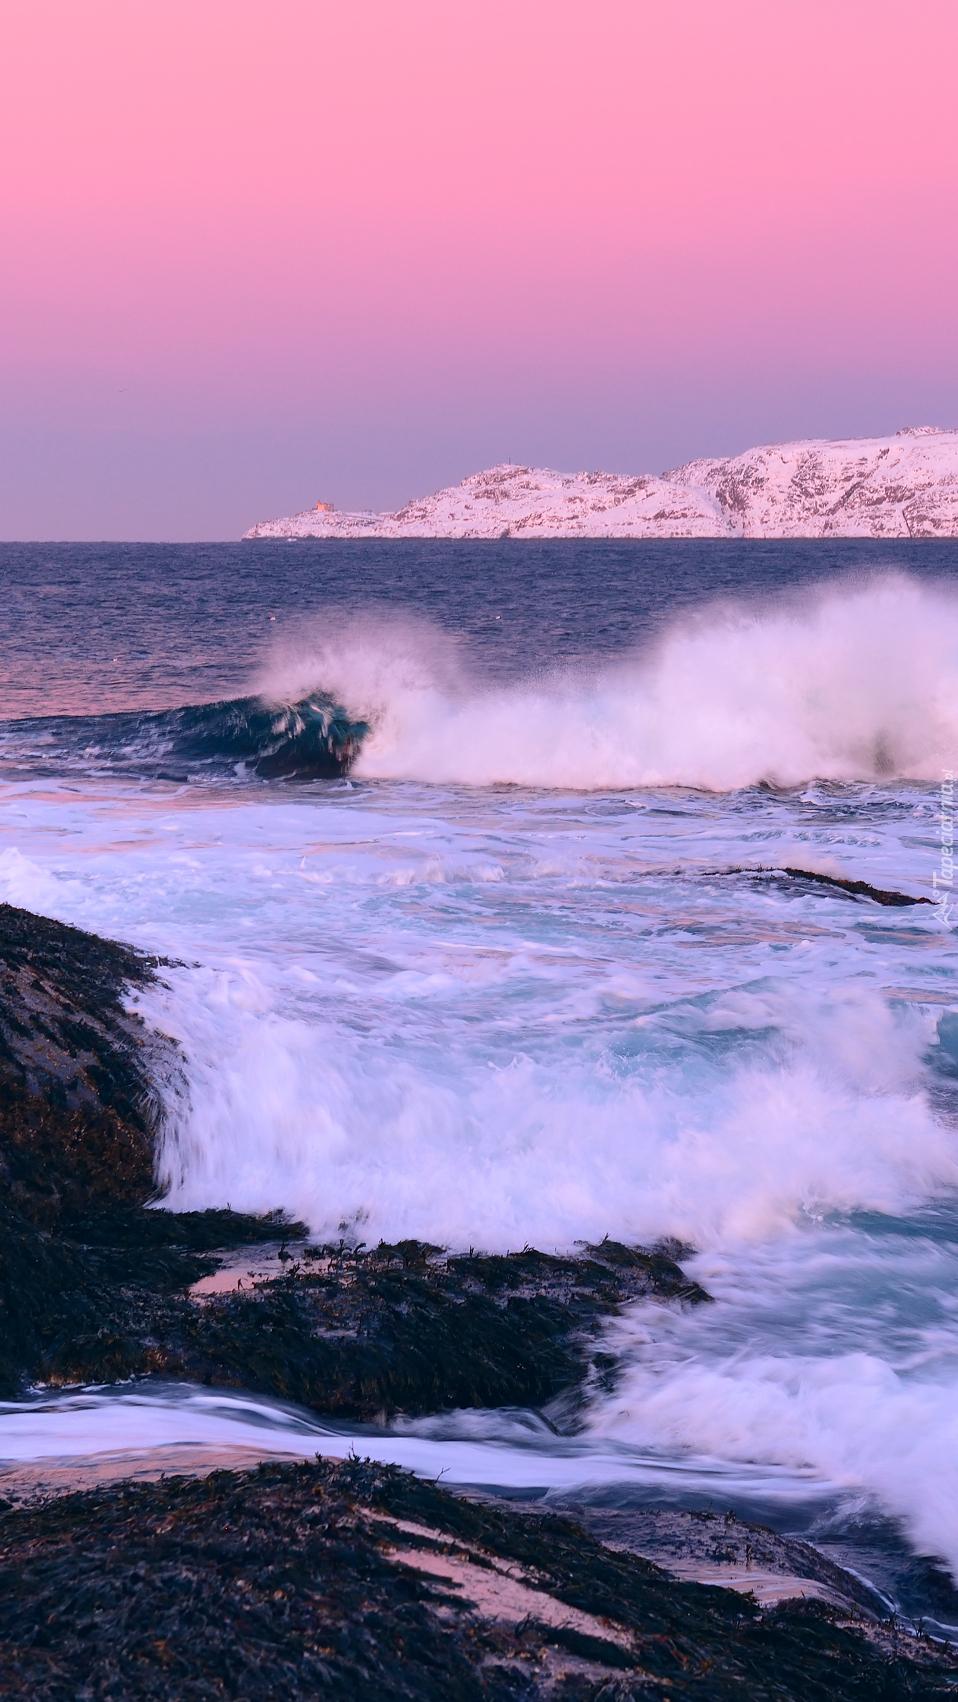 Fale na skałach w Zatoce Kolskiej